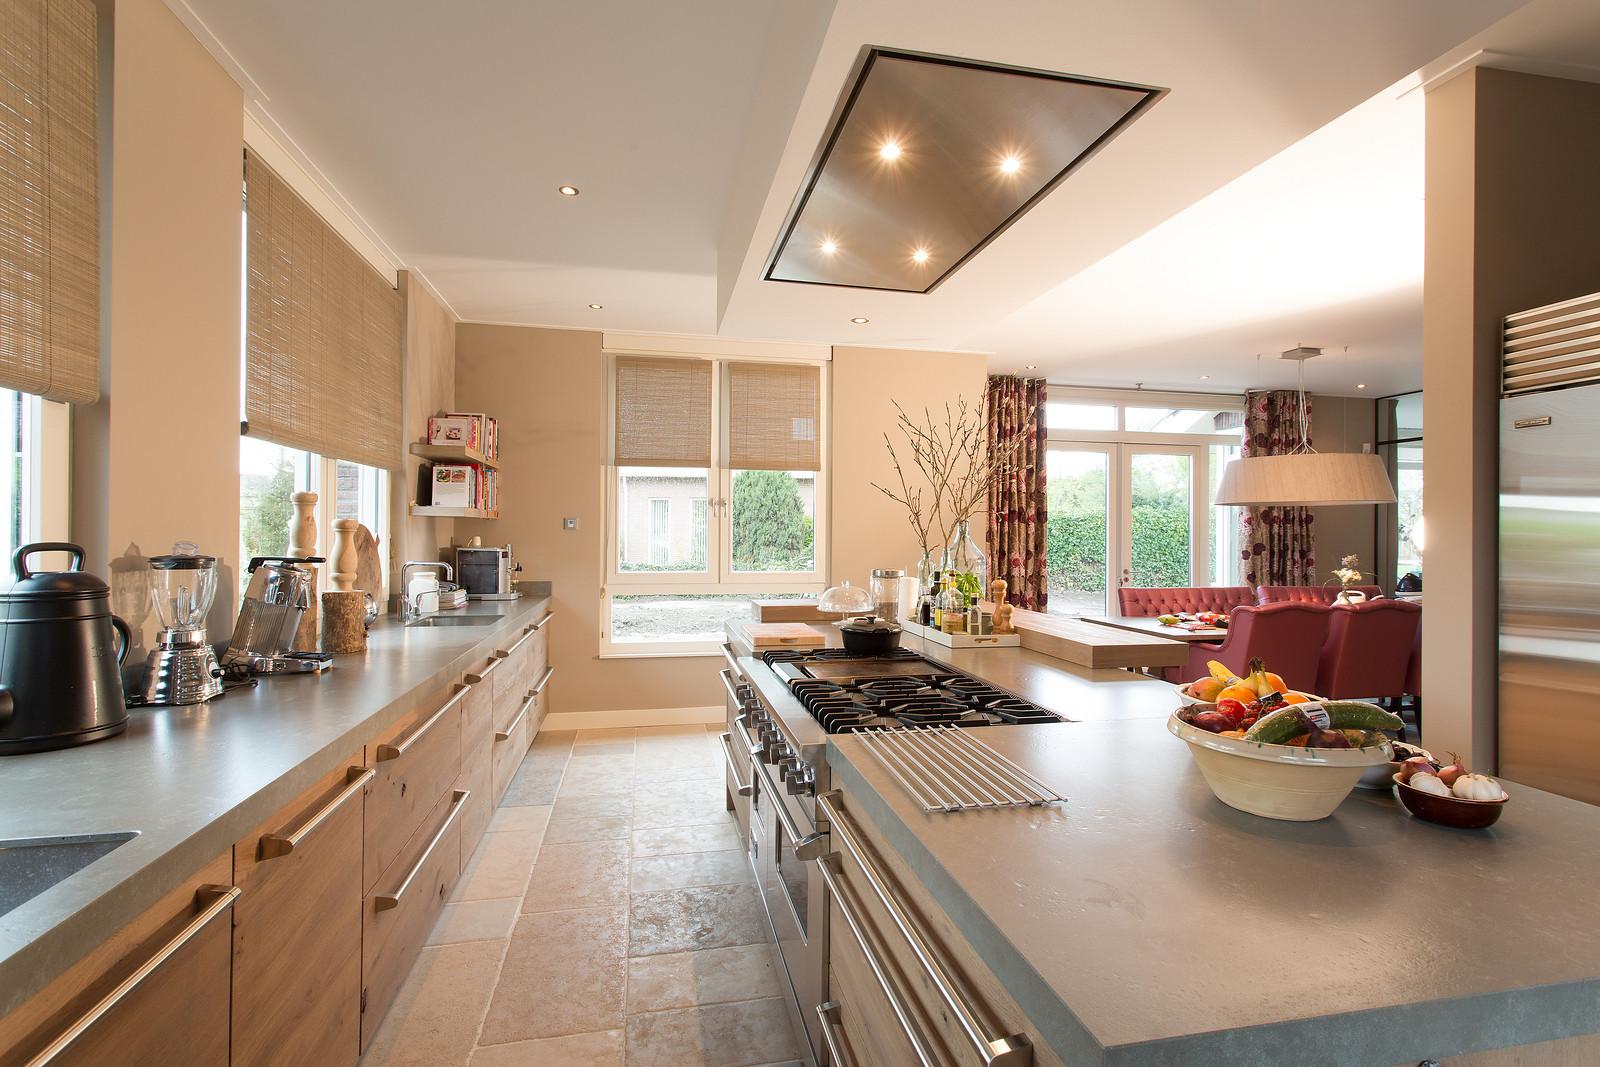 Keuken in landelijke stijl van tieleman keukens product in beeld startpagina voor keuken - Lounge en keuken in dezelfde kamer ...